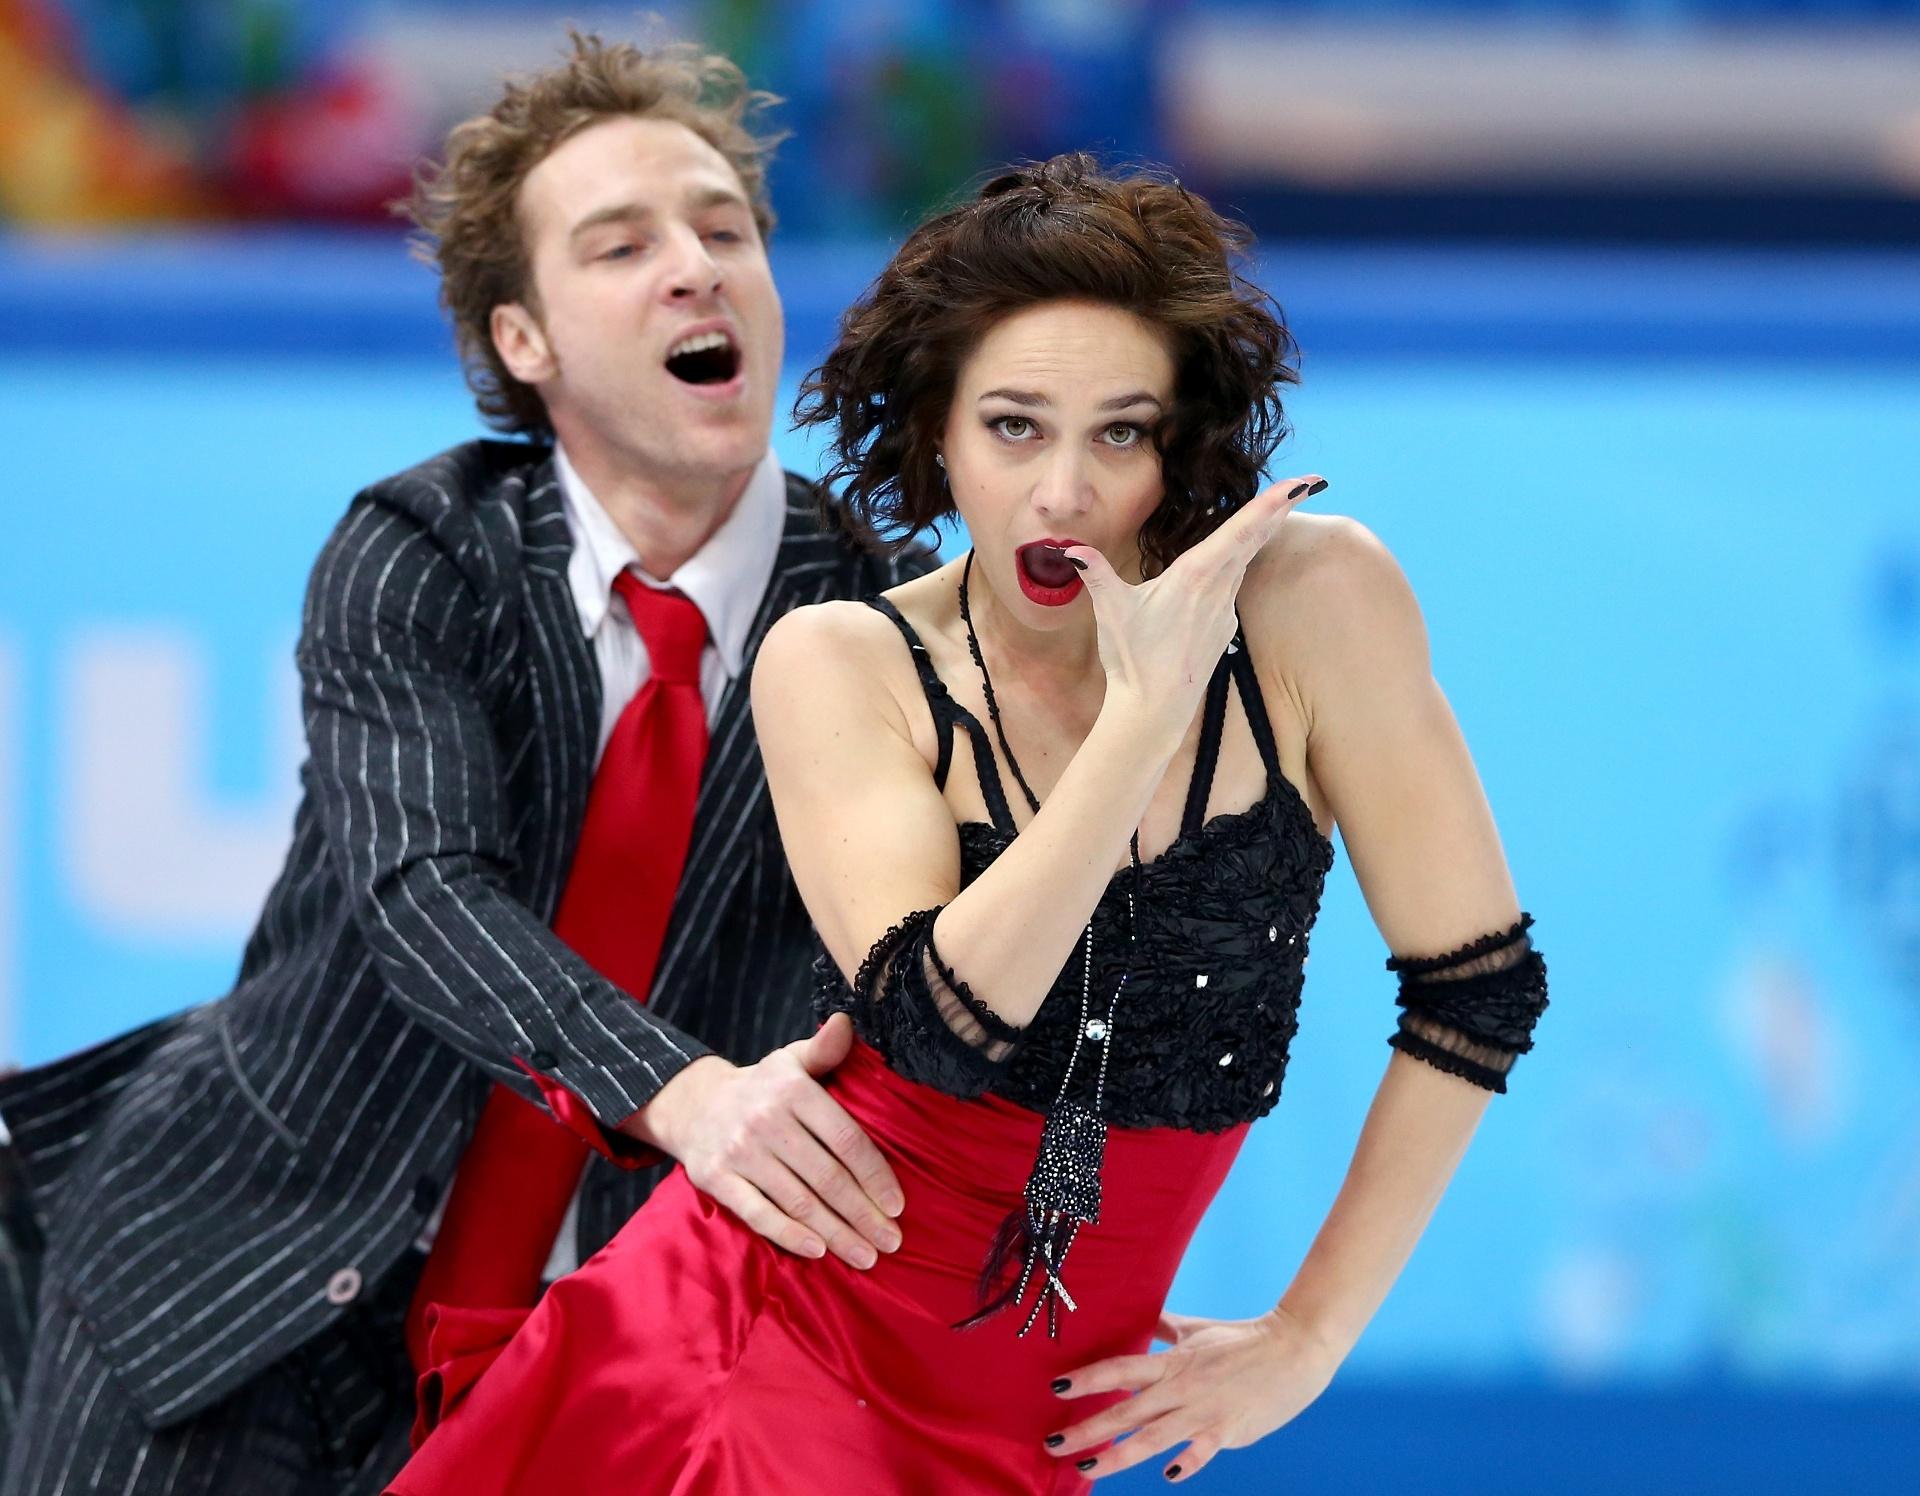 08.02.2014 - Os franceses Nathalie Pechalat e Fabian Bourzat fizeram uma cara engraçada na patinação artística